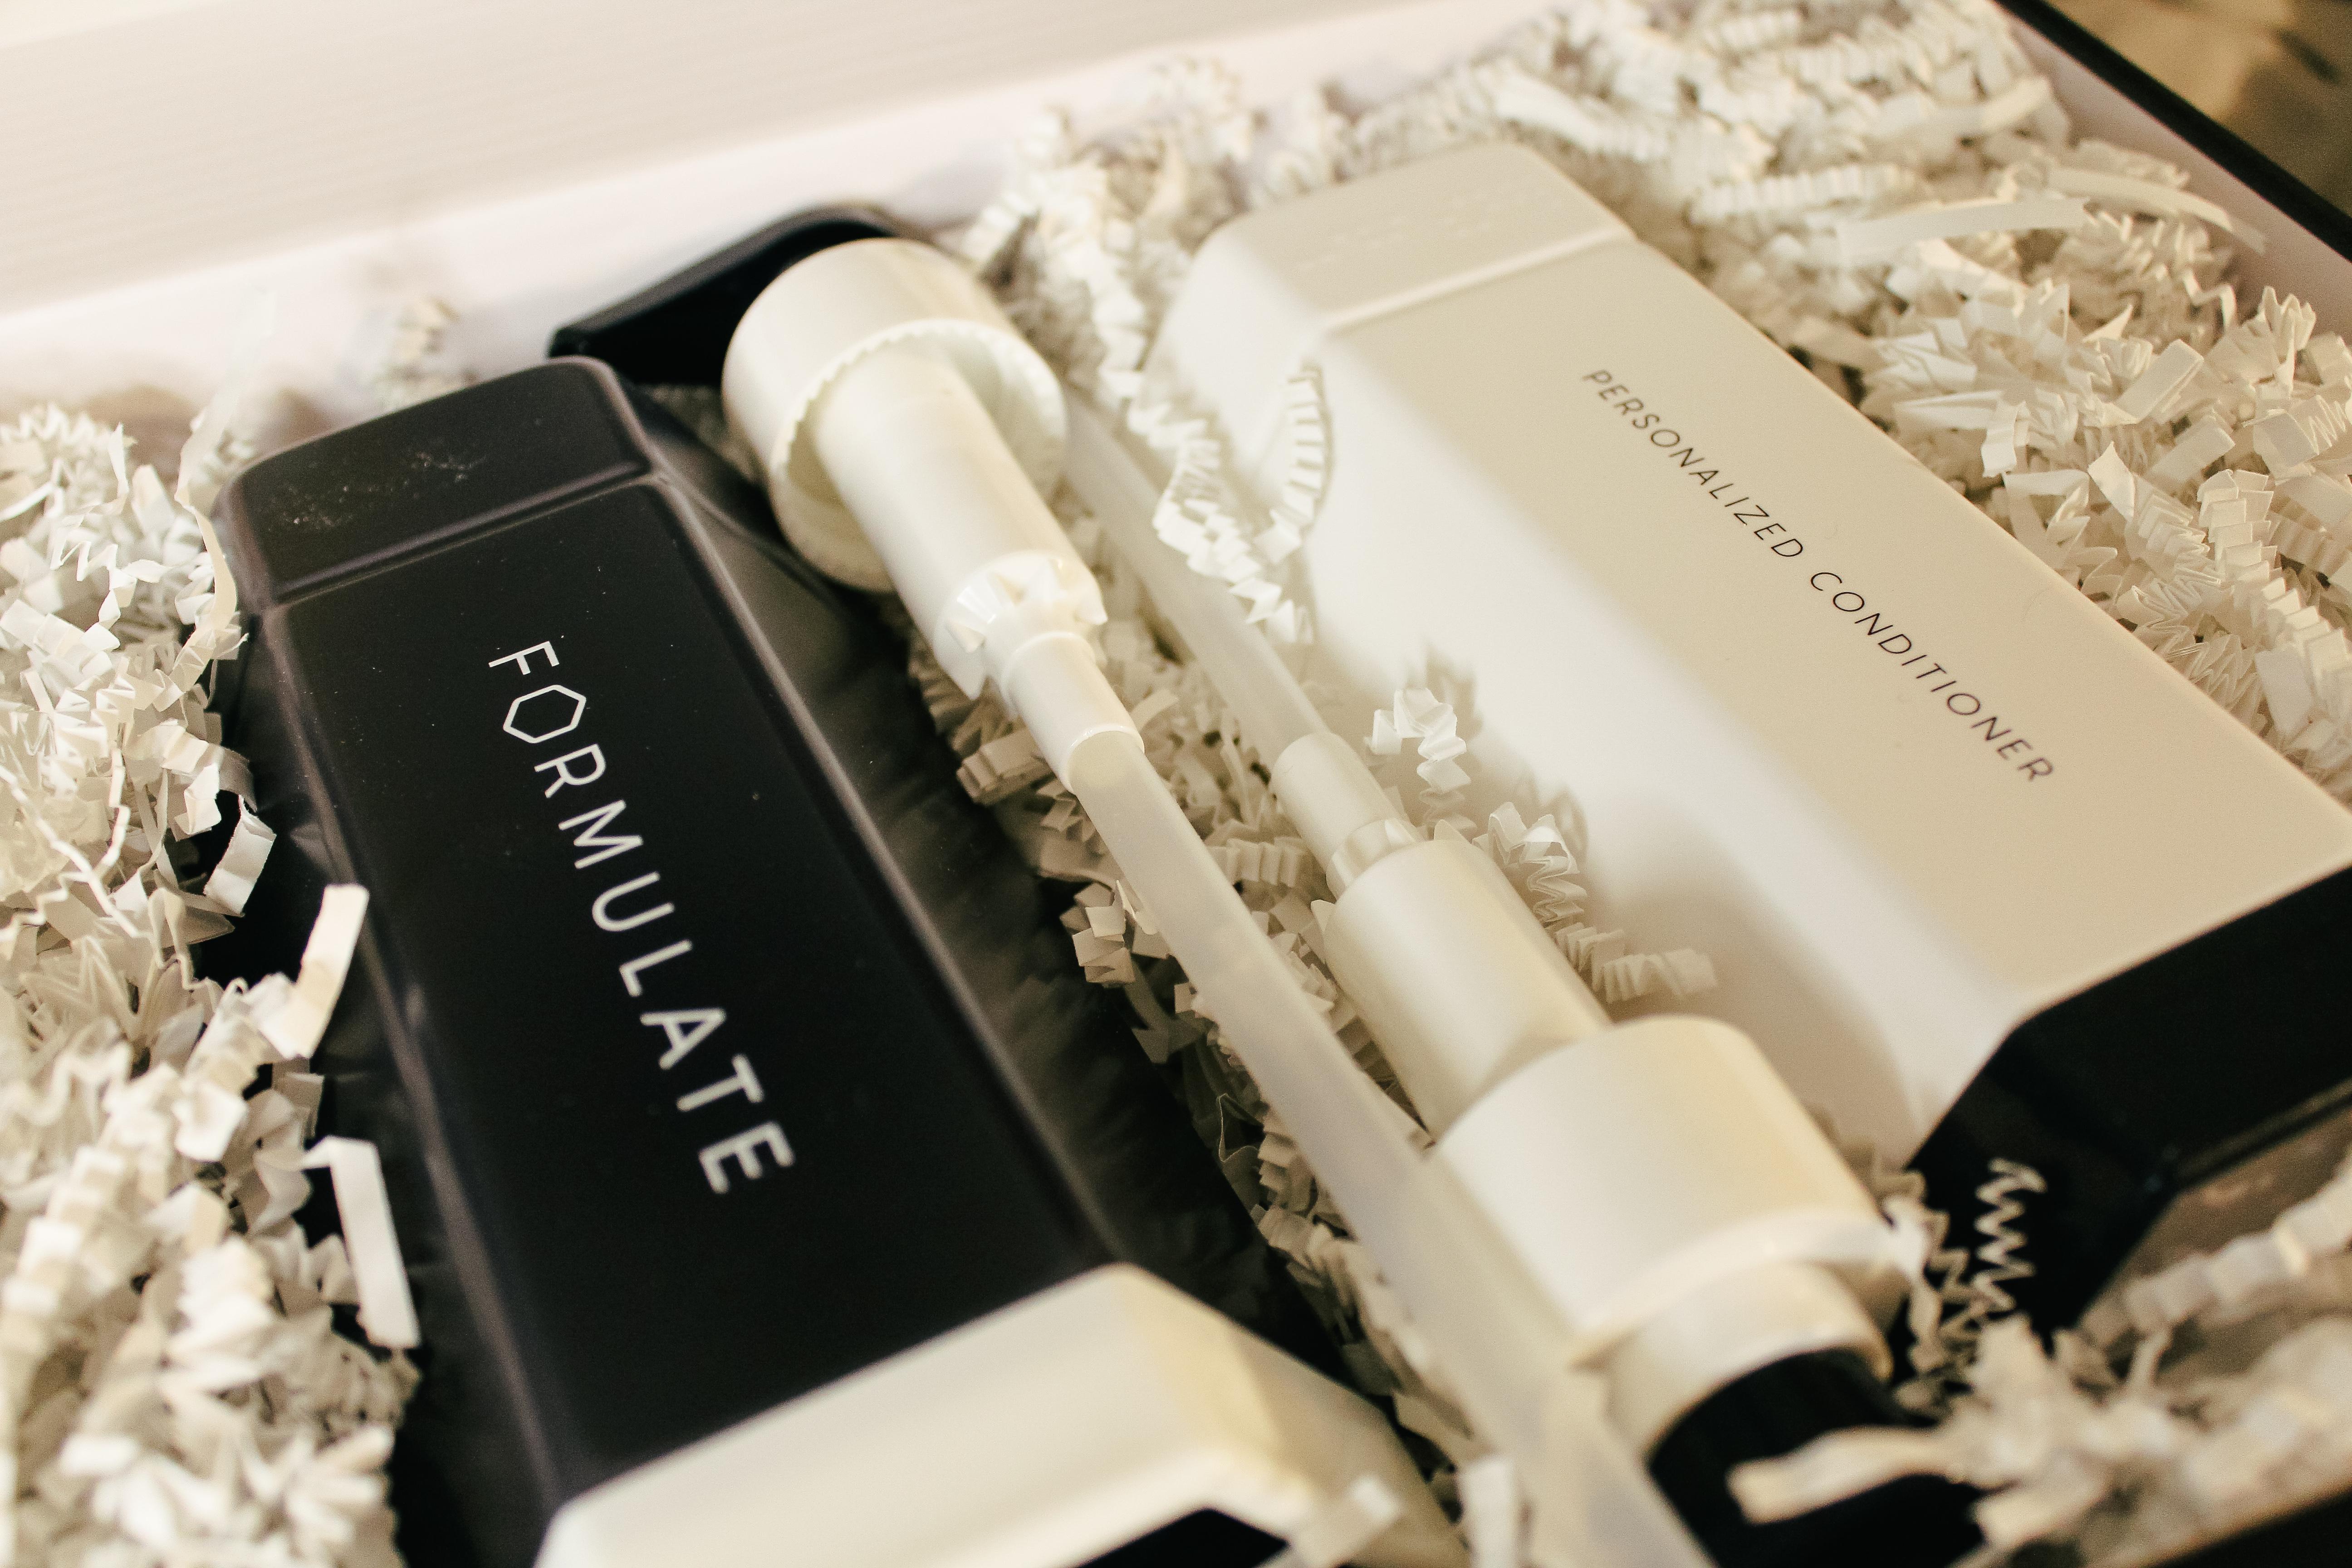 Formulate Shampoo Conditioner 1